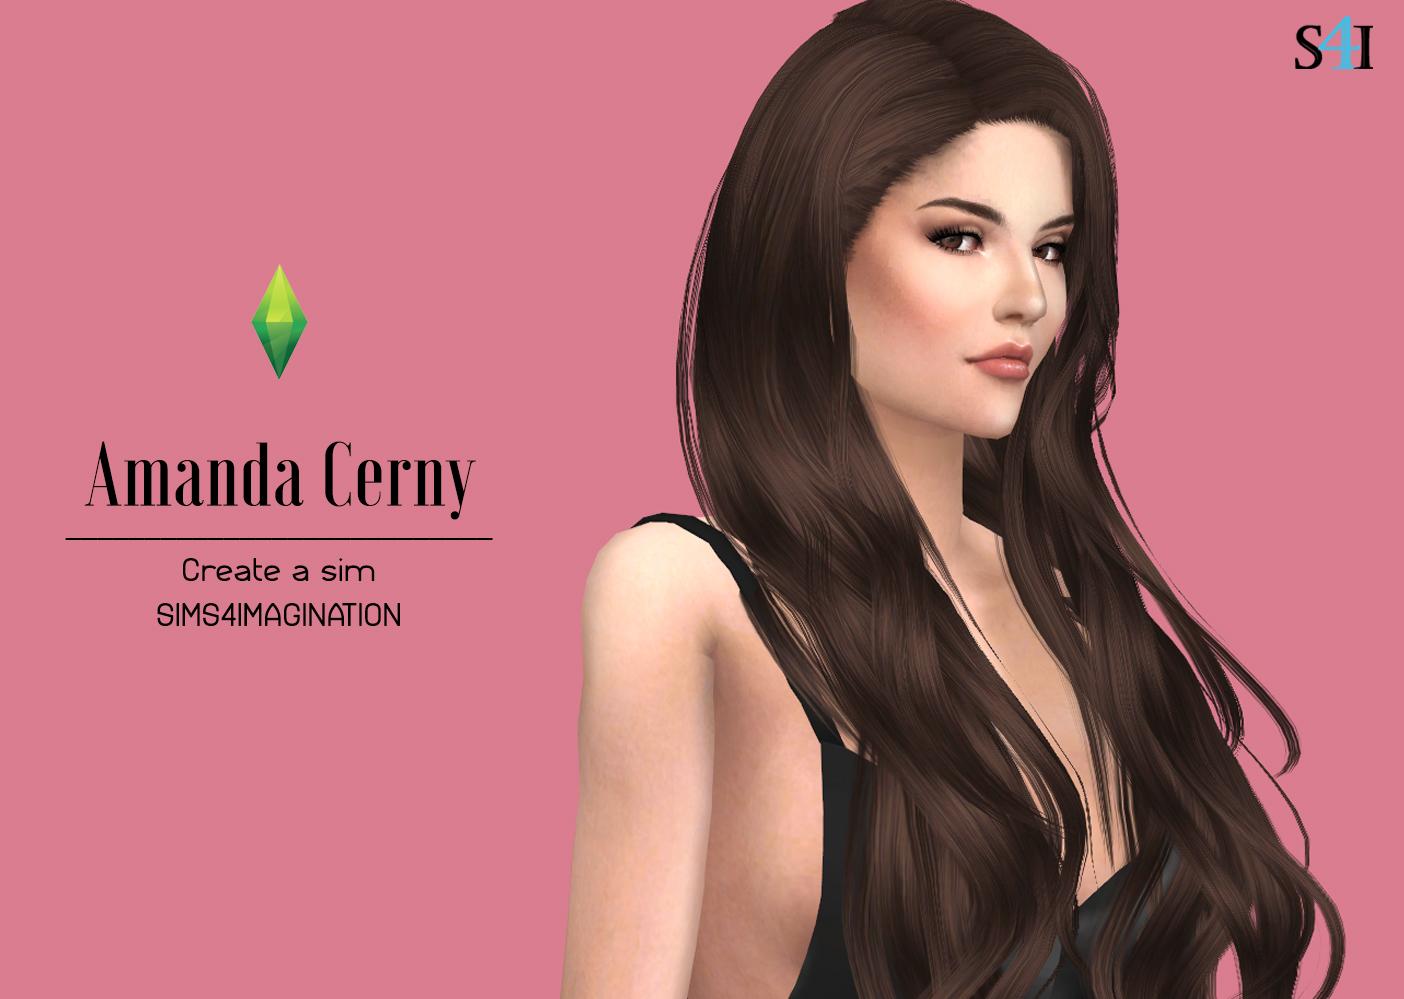 Amanda Cerny Video Porno my sims 4 cas: amanda cerny - imagination sims 4 cas